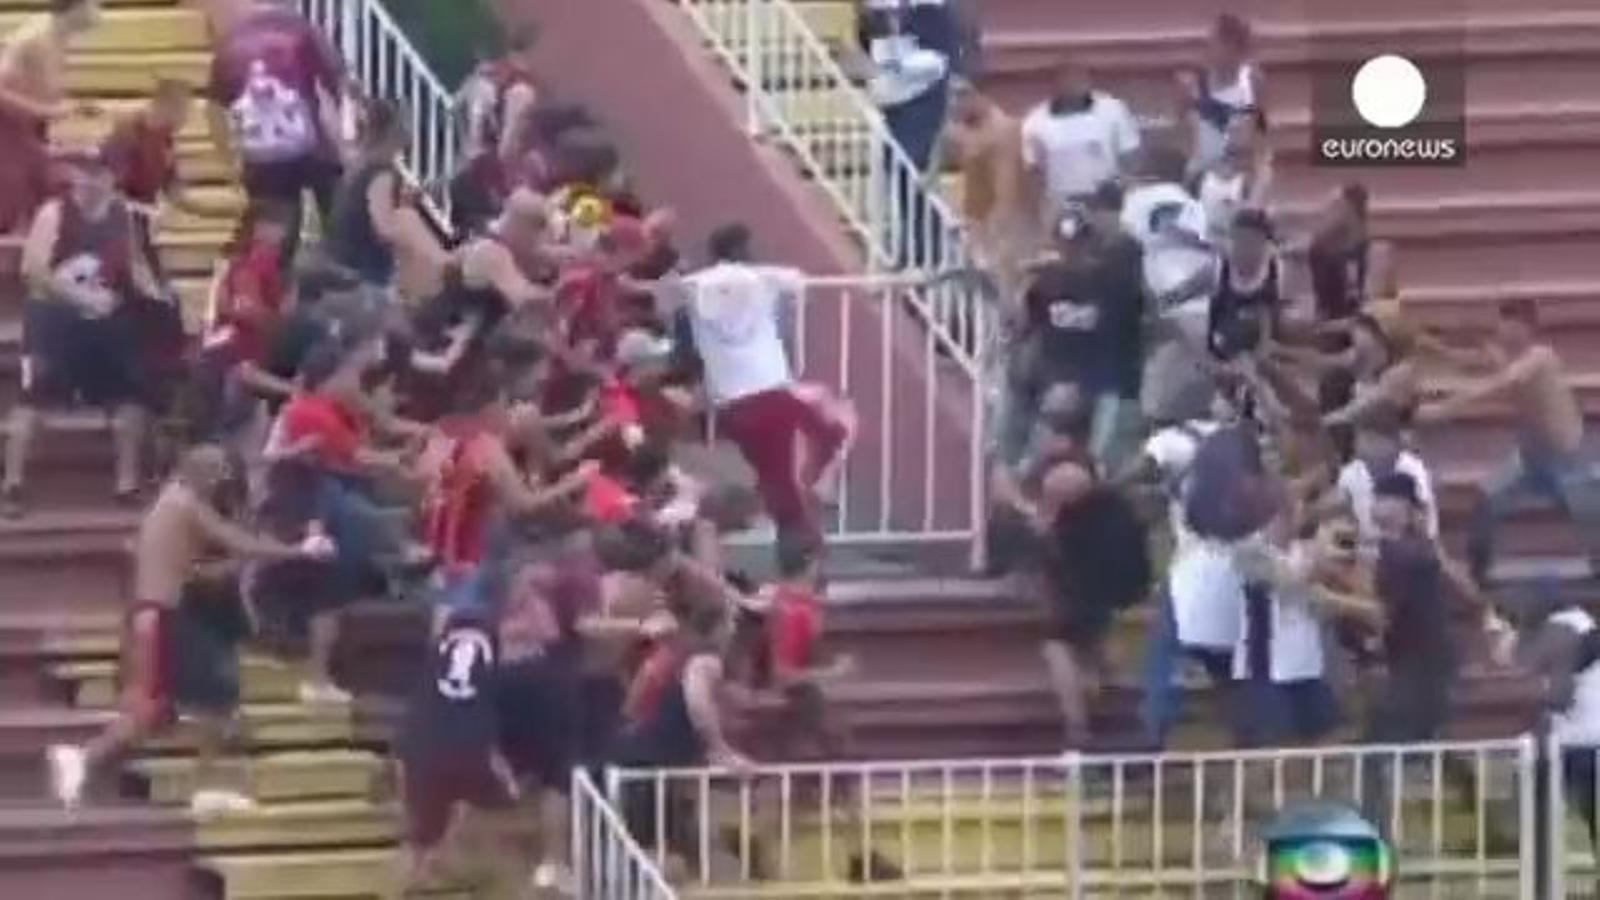 Quatre ferits, un d'ells molt greu, en una batalla campal entre seguidors de futbol al Brasil